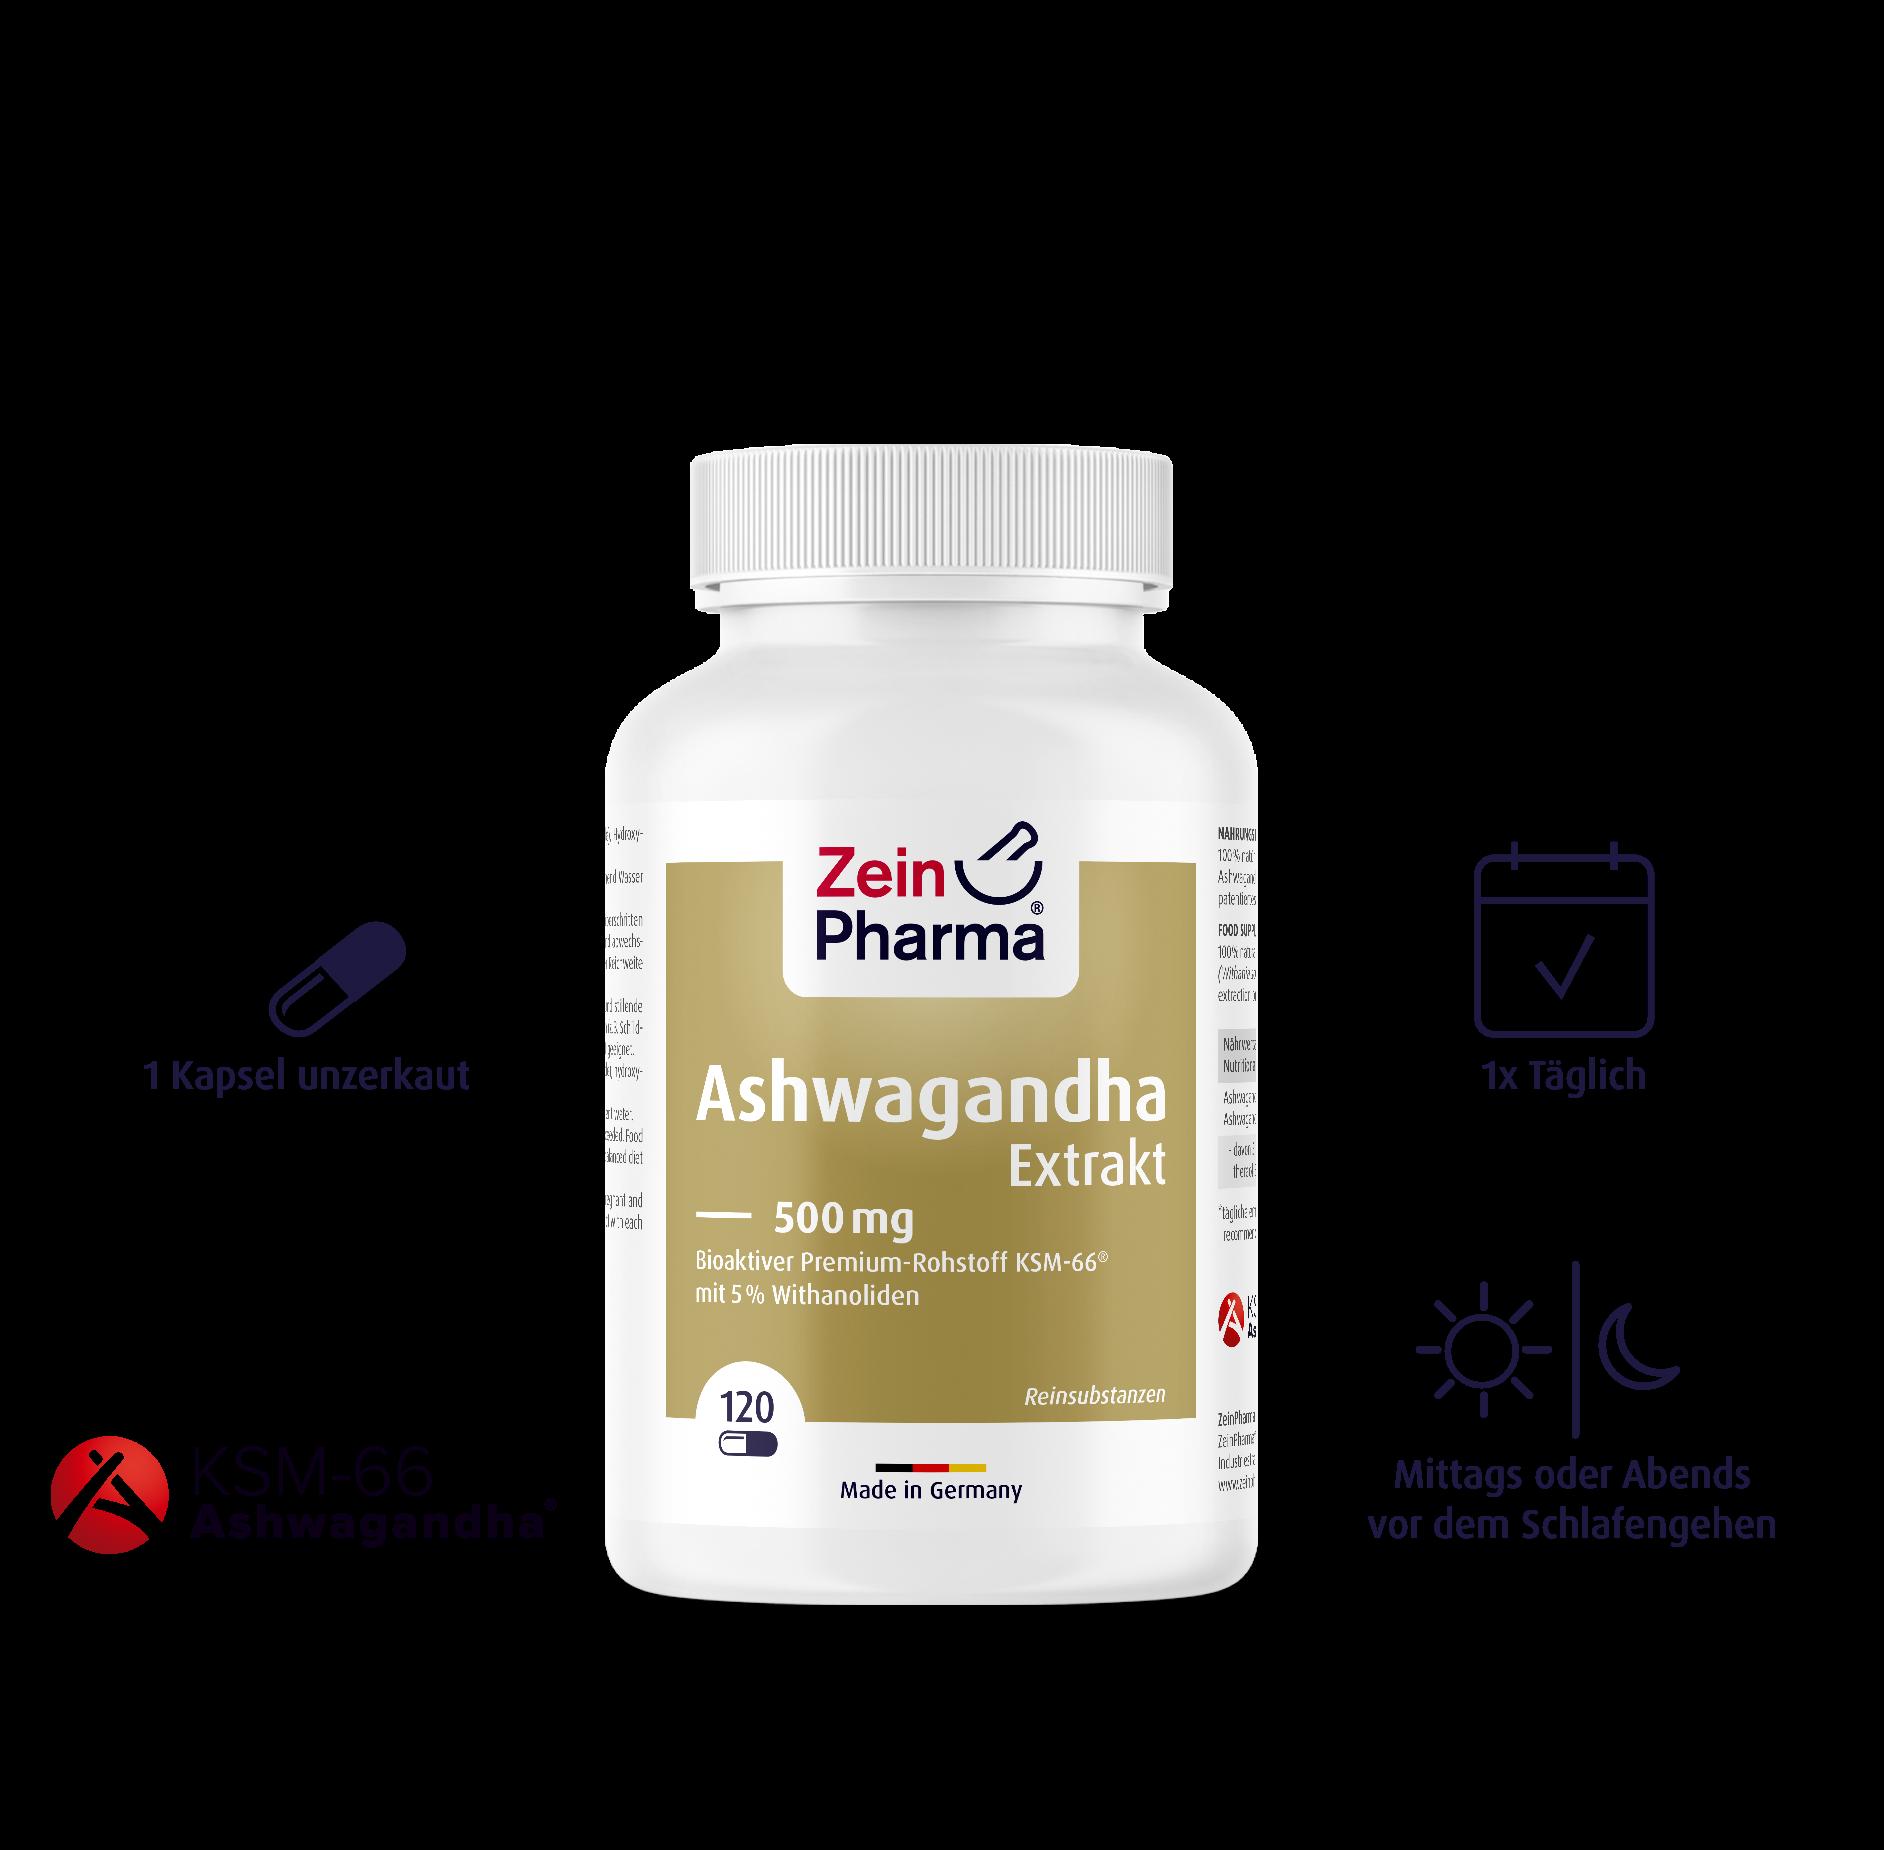 Ashwagandha Extrakt Kapseln